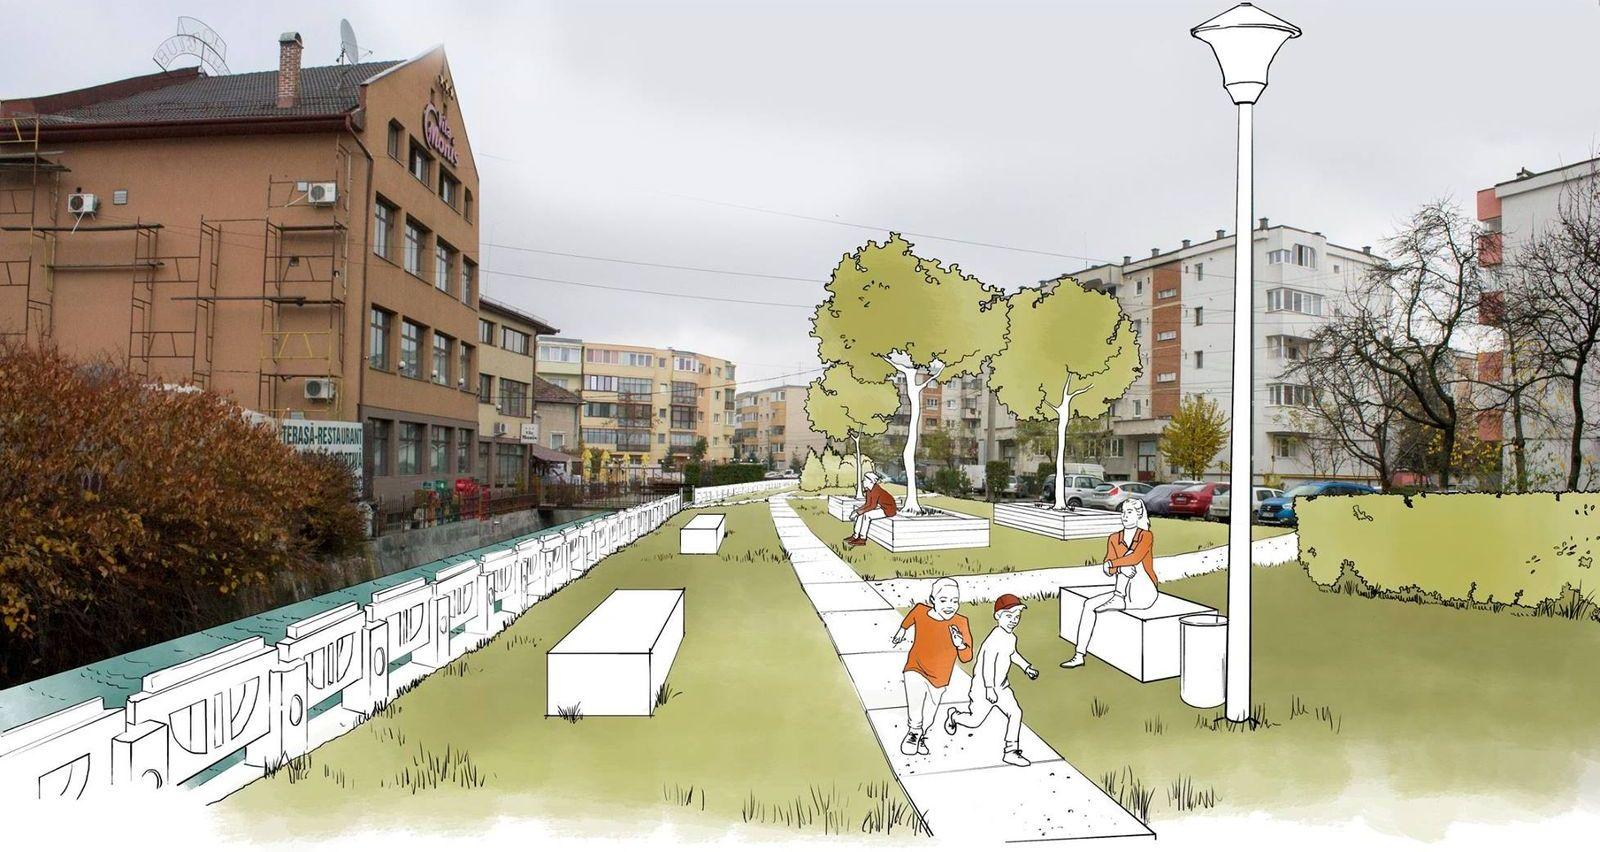 Propunerea echipei Verde pe Canalul Morii pentru amenajarea zonei din jurul Canalului Morii din Mărăști